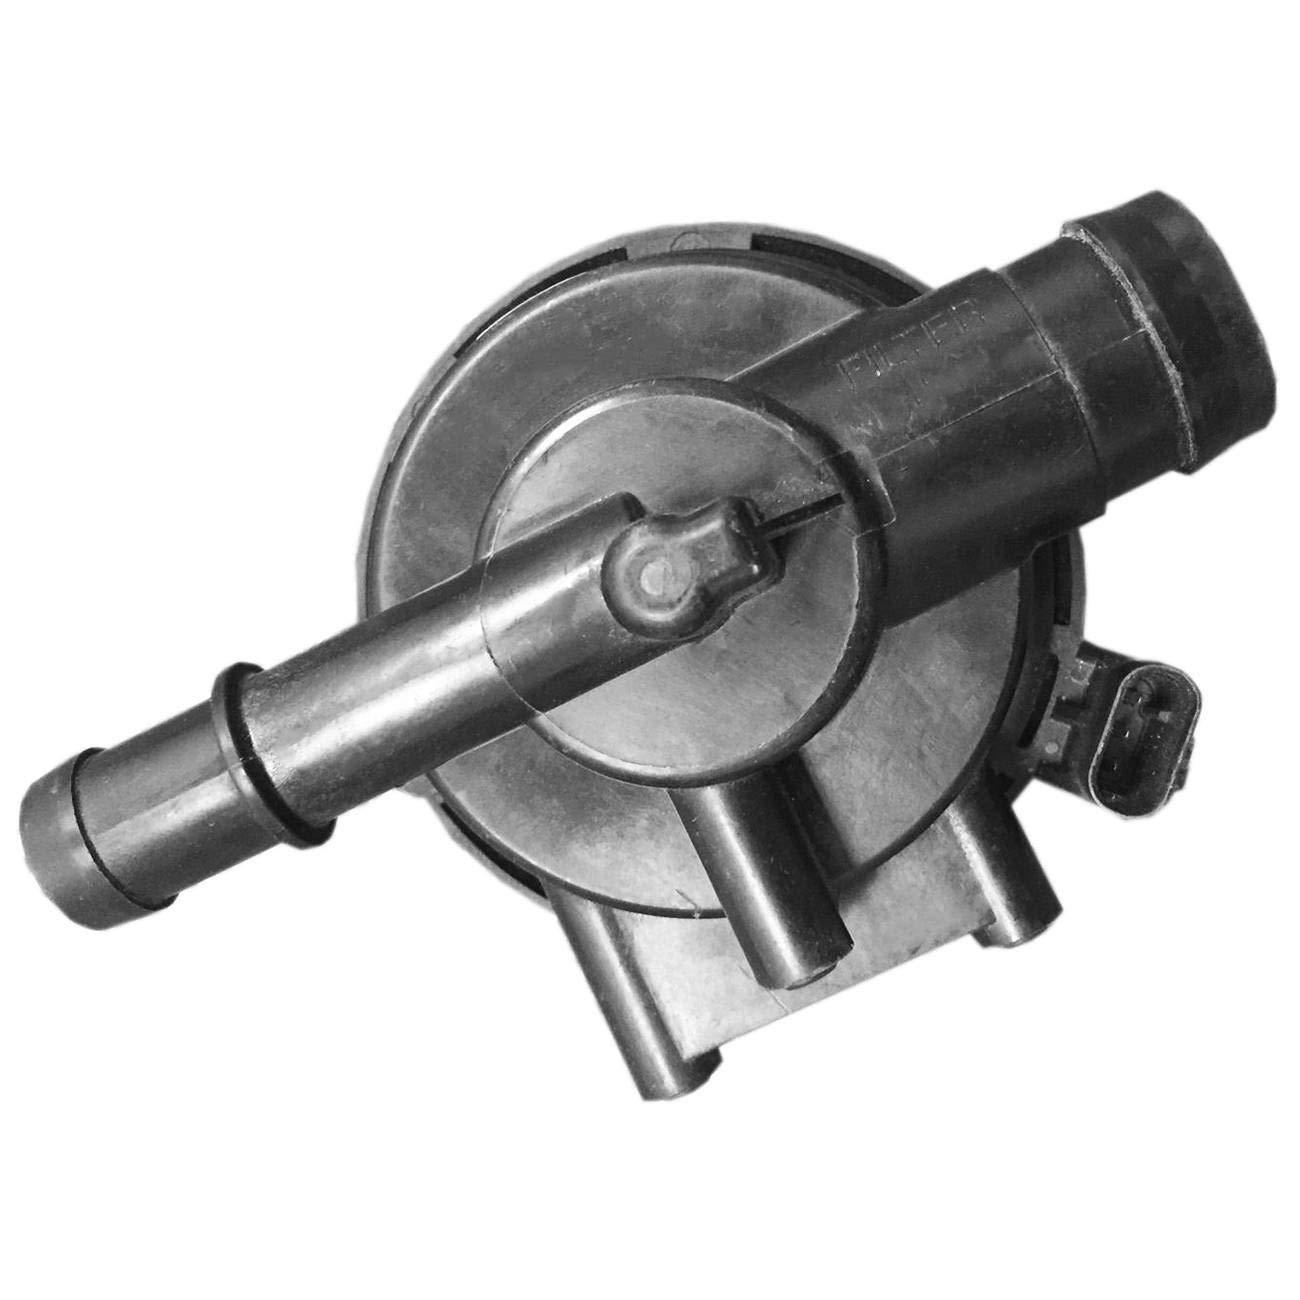 Deebior 1pc Genuine Leak Detect Diagnosis Pressure Switch/Module 16137448091 For BMW 528 535 550 640 650 740 750 M5 M6 X3 X4 X5 X6 / Mini Cooper Cooper Countryman Cooper Paceman